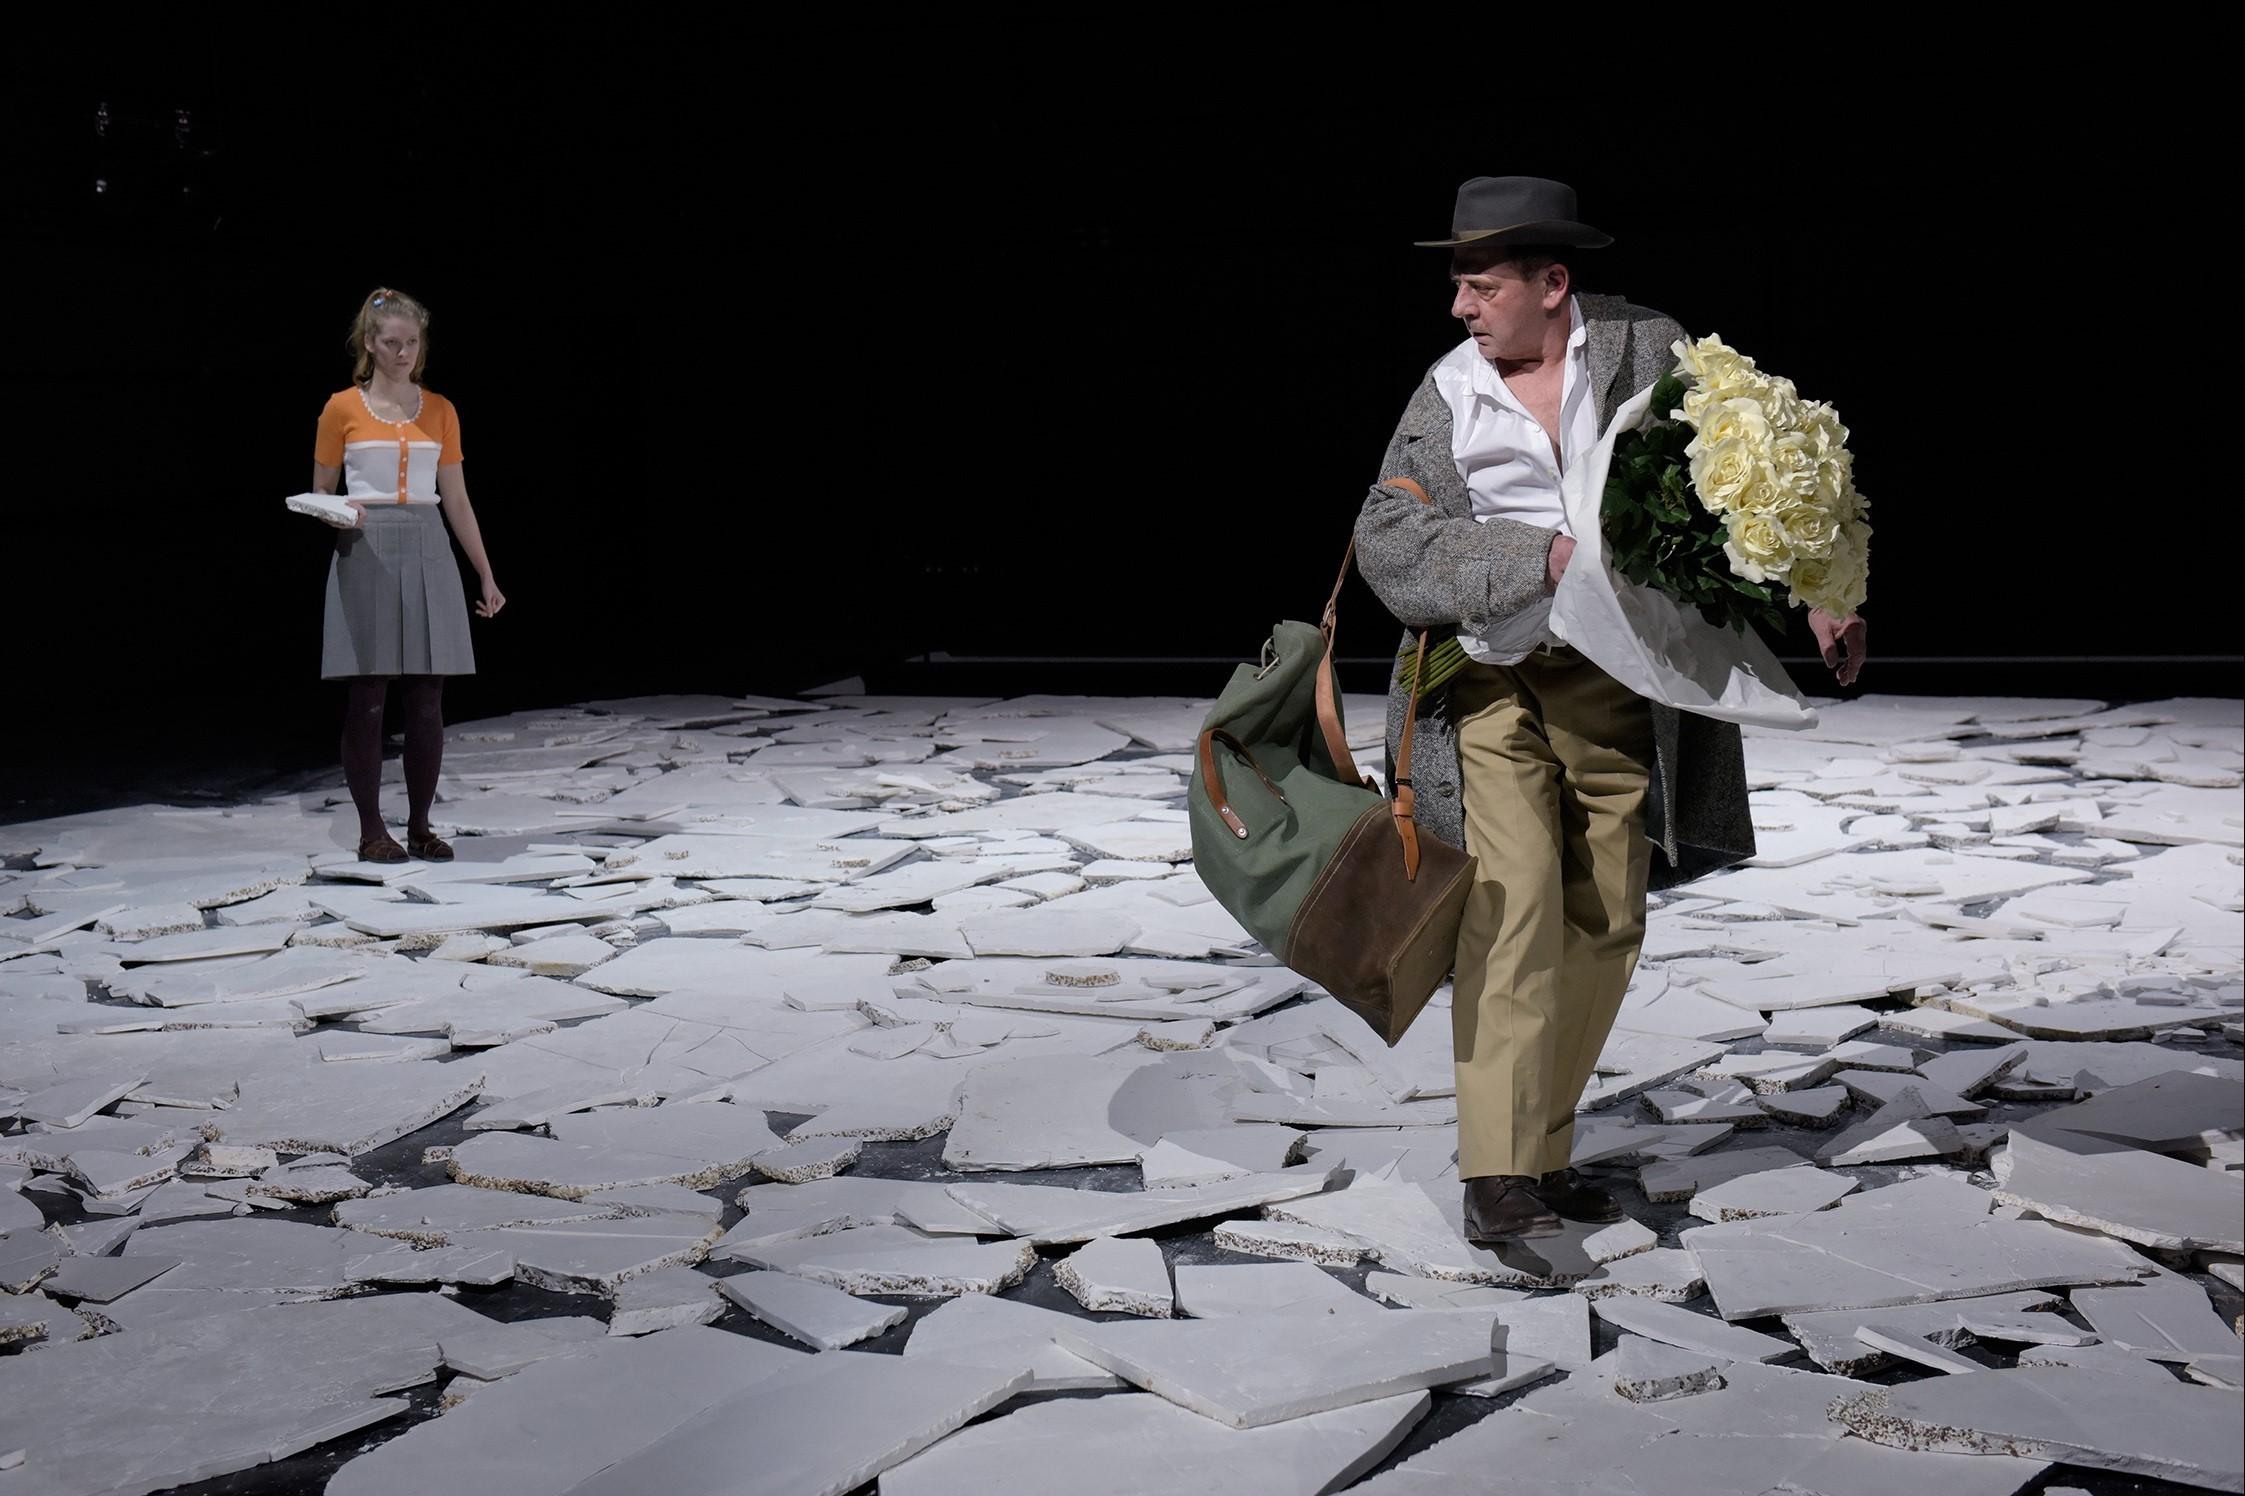 """Eines von elf Gastspielen bei den Autorentheatertagen: Fritz Katers """"I'm searching for I:N:R:I (eine Kriegsfuge)"""" vom Schauspiel Stuttgart, Regie: Jossi Wieler – Foto: Thomas Aurin"""